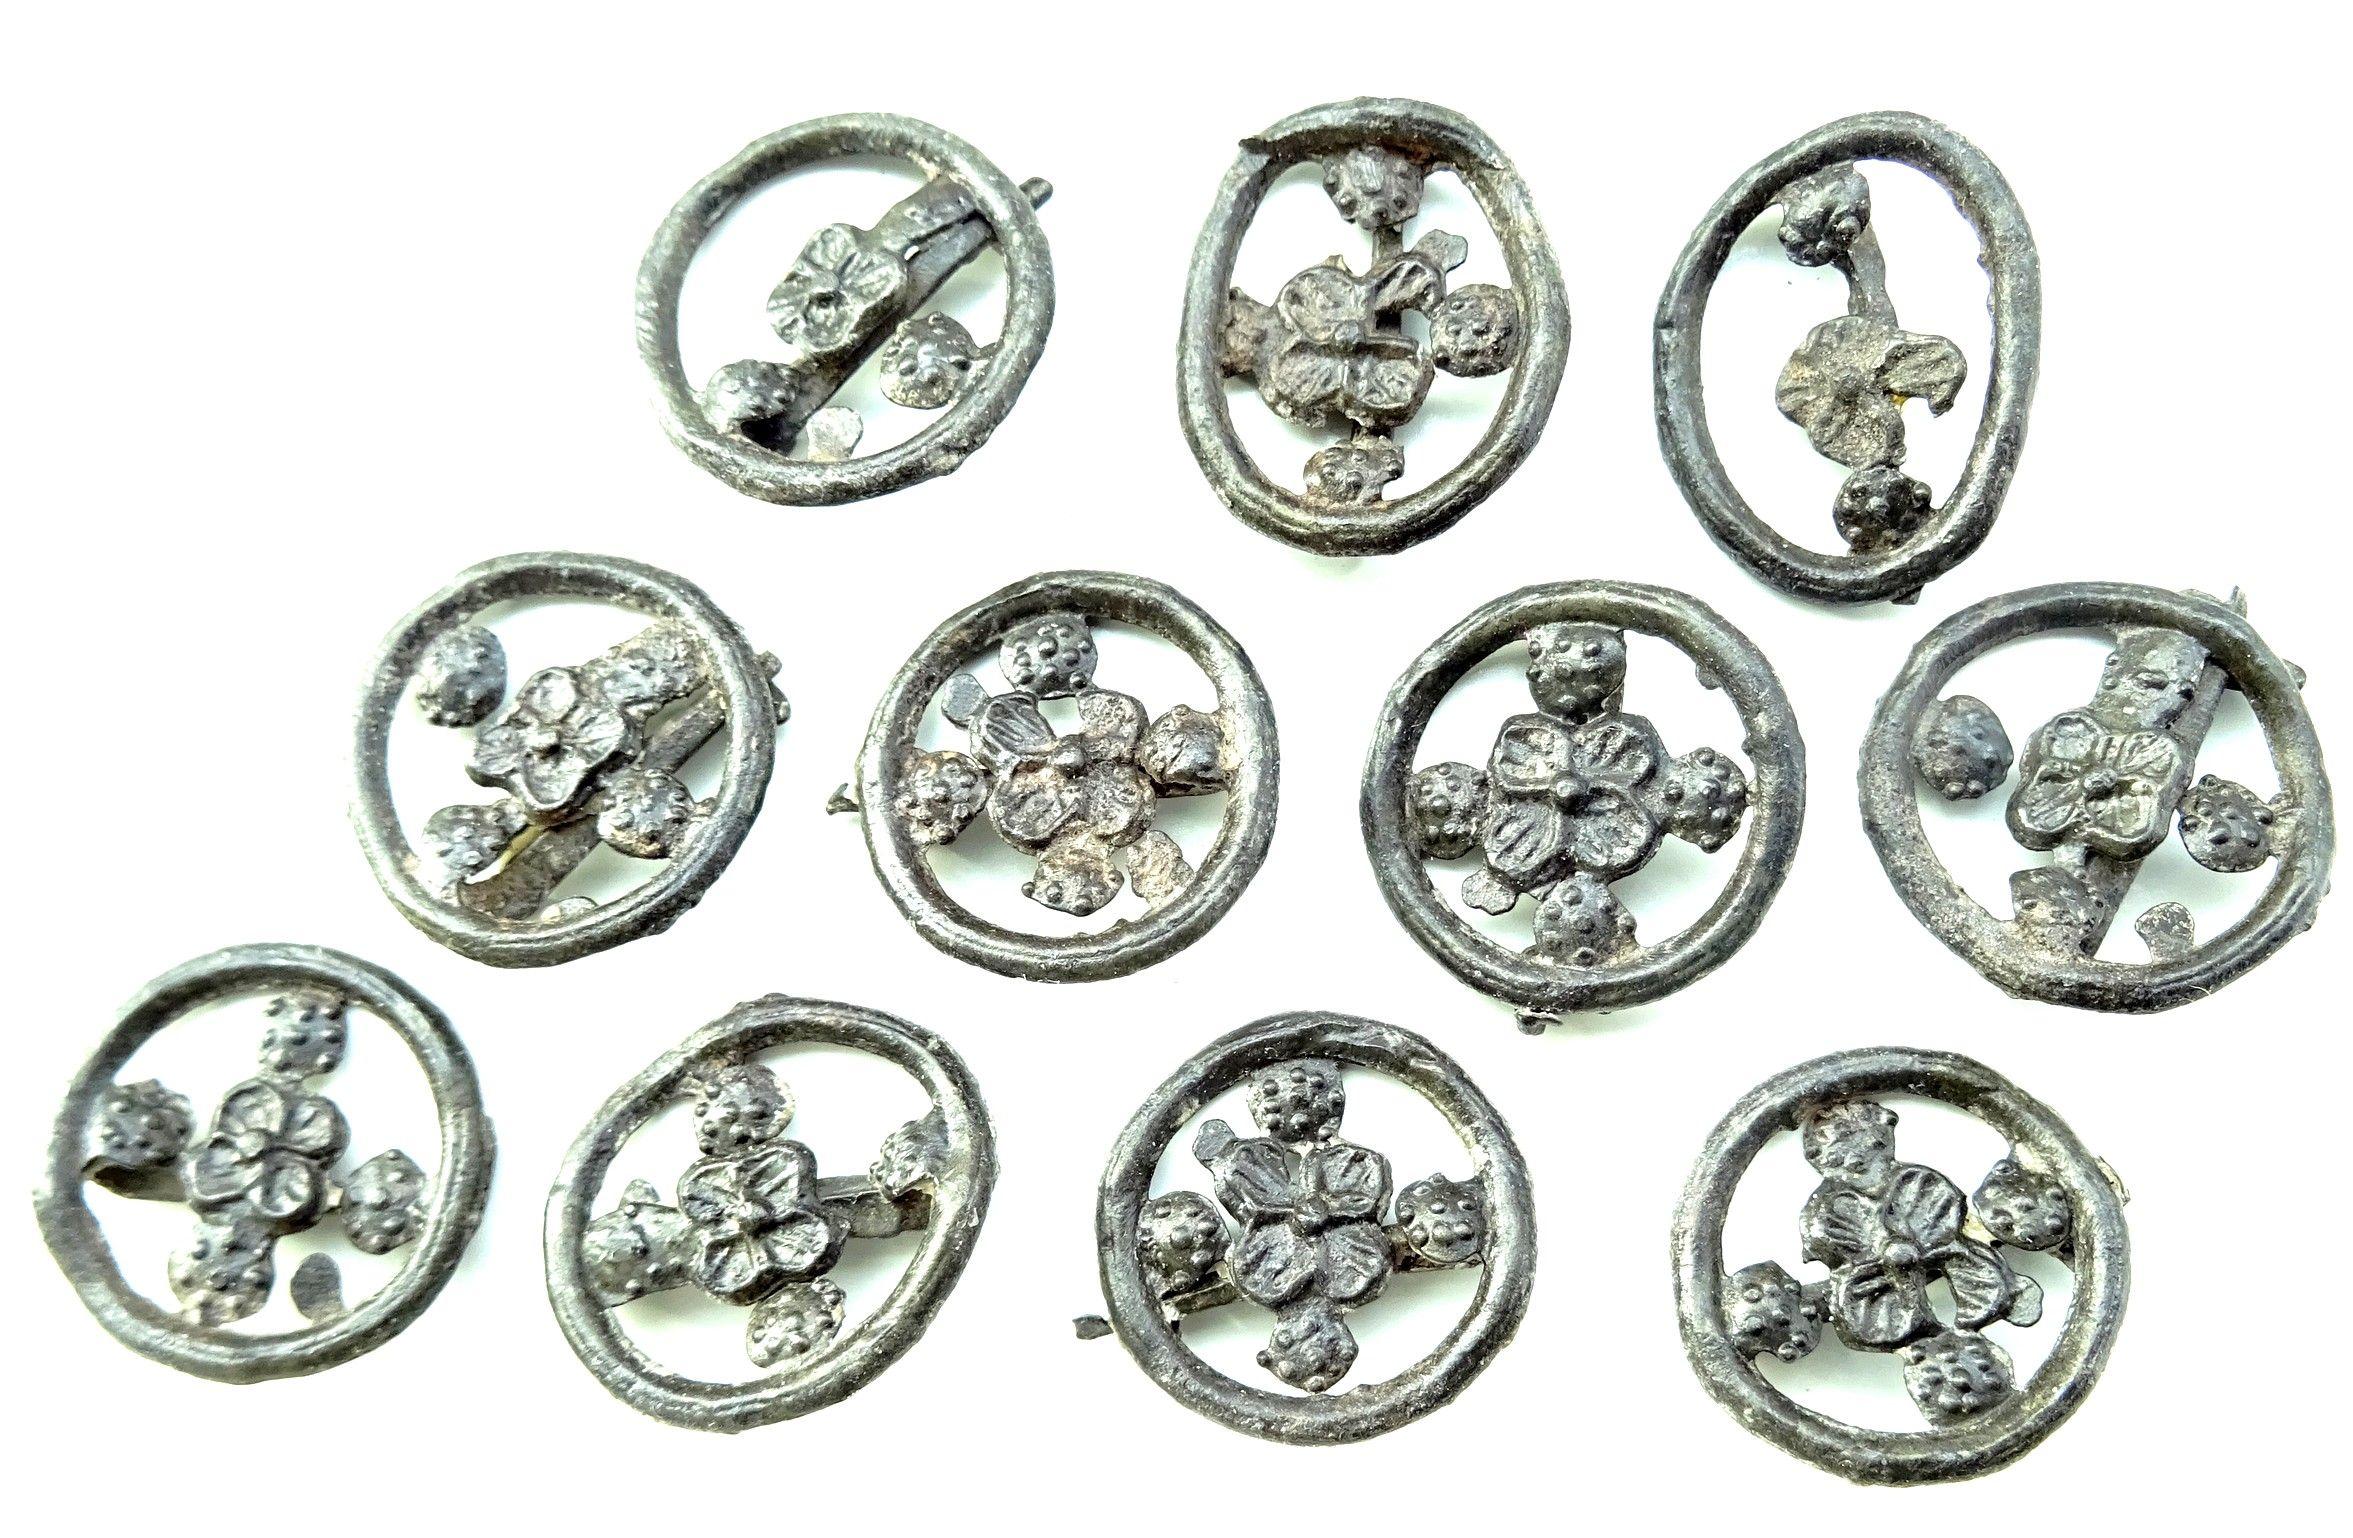 Elf tin/loden broches uit Zierikzee, diameter 1,0 centimeter, datering 1350-1450 (Stichting Cultureel Erfgoed Zeeland).